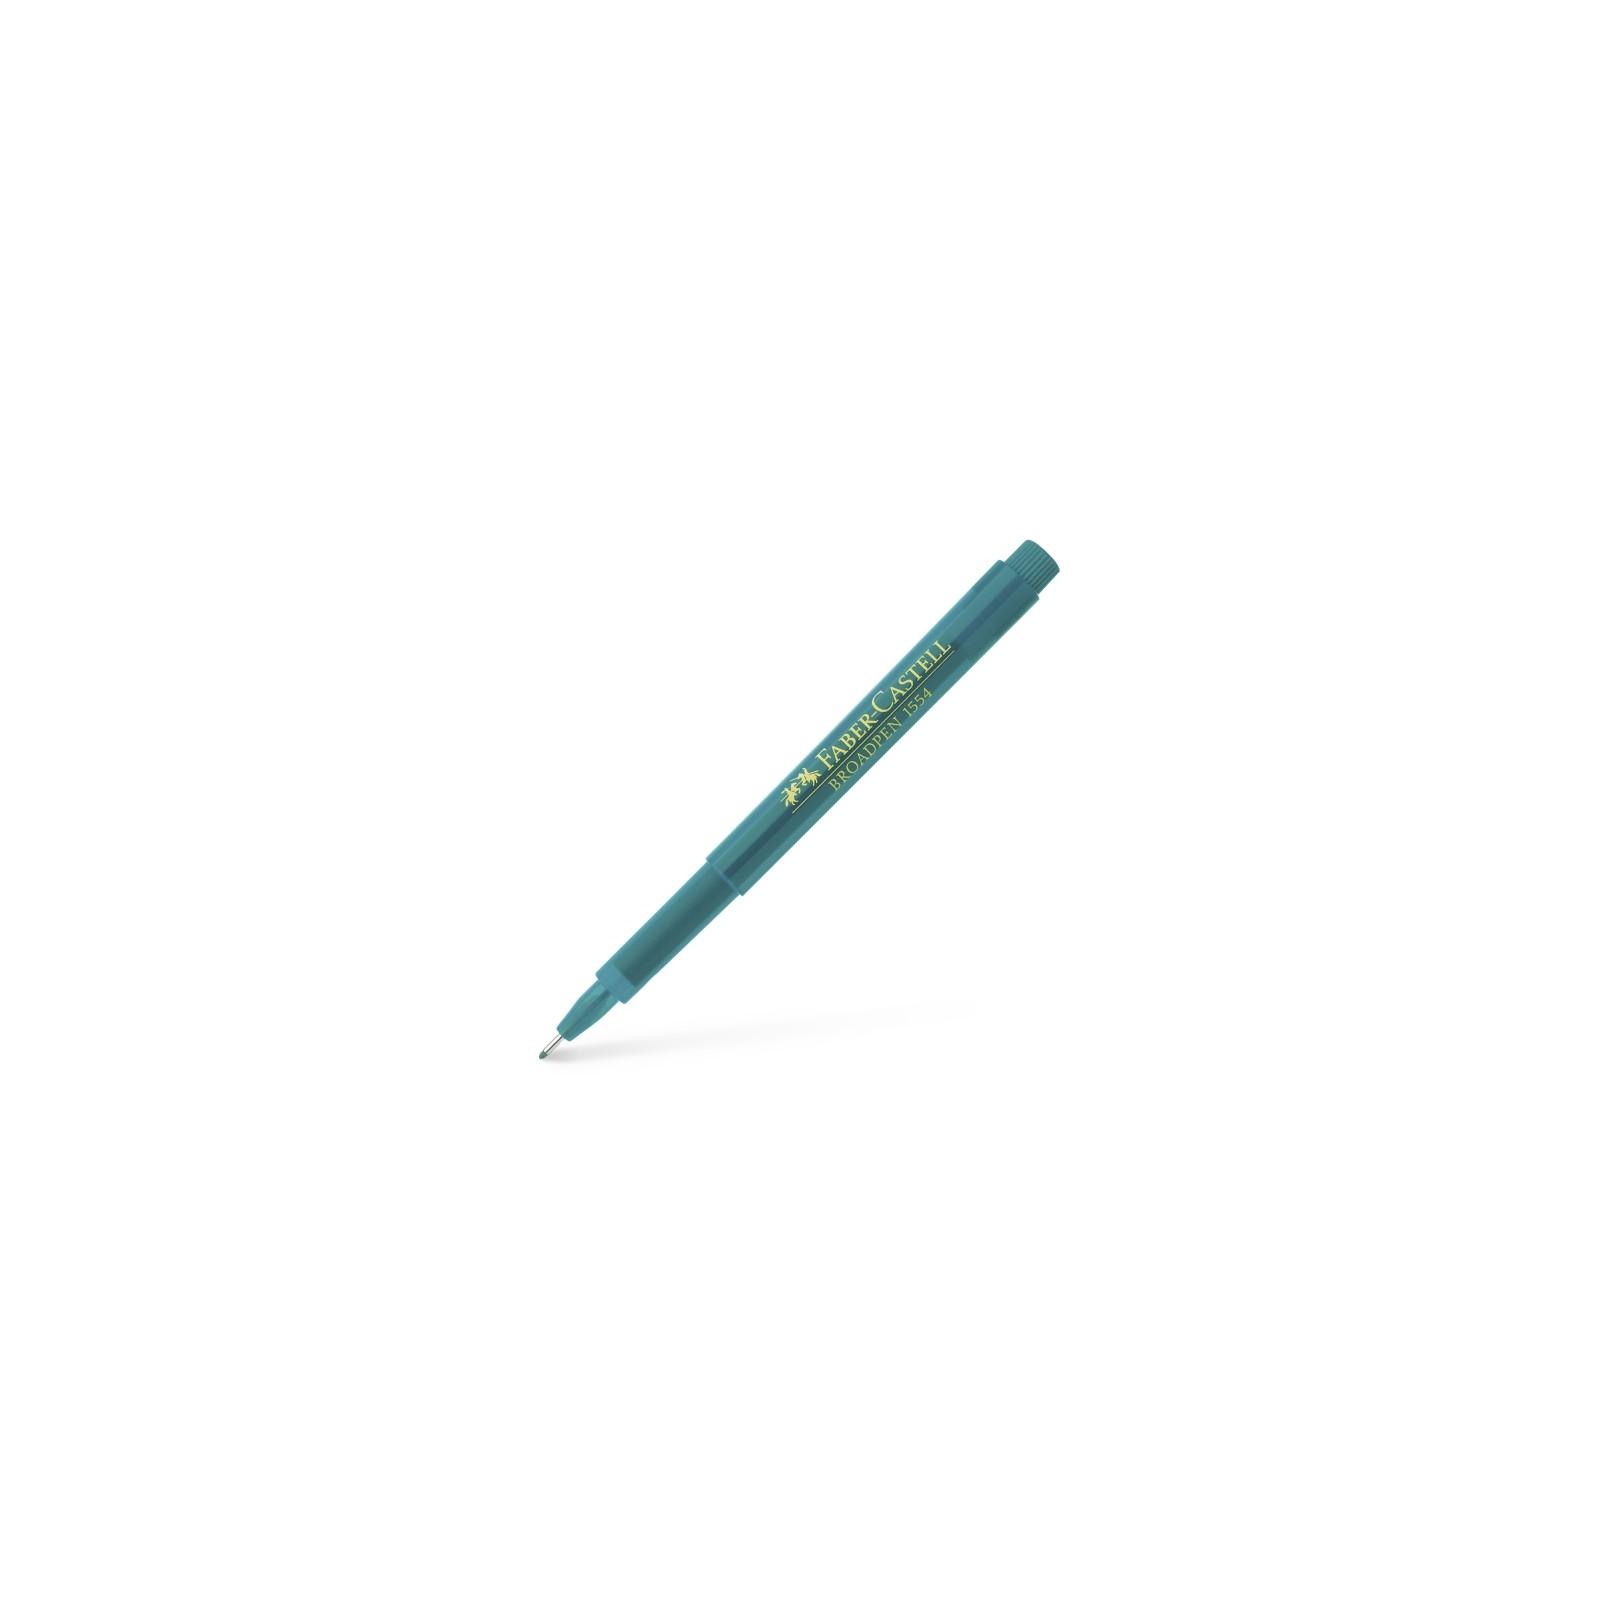 FABER-CASTELL Tuschestift PITT artist pen Blau Metallic